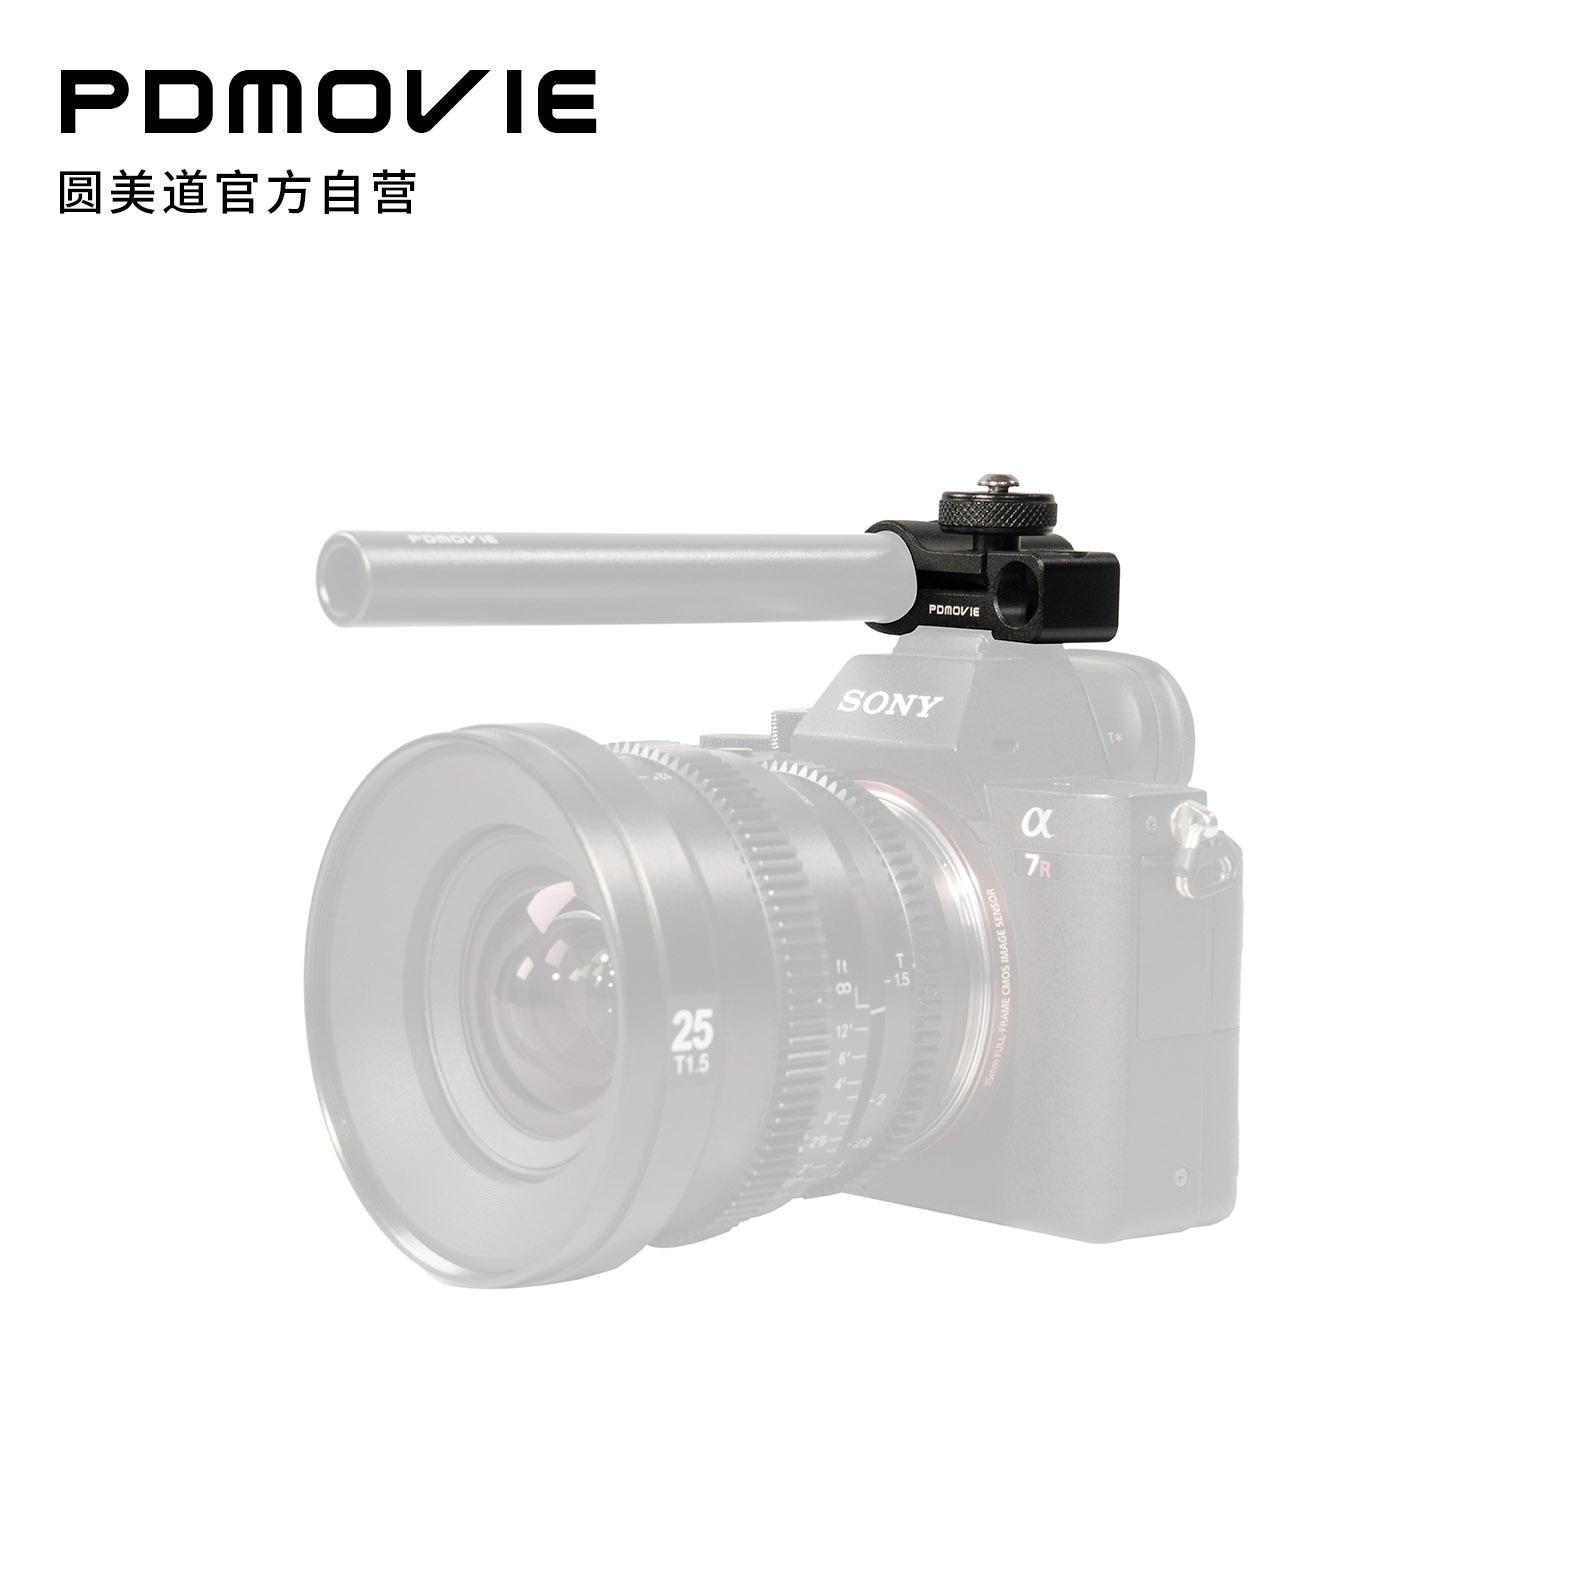 pdmovie-15mm-rod-hotshoe-clip-04.jpg